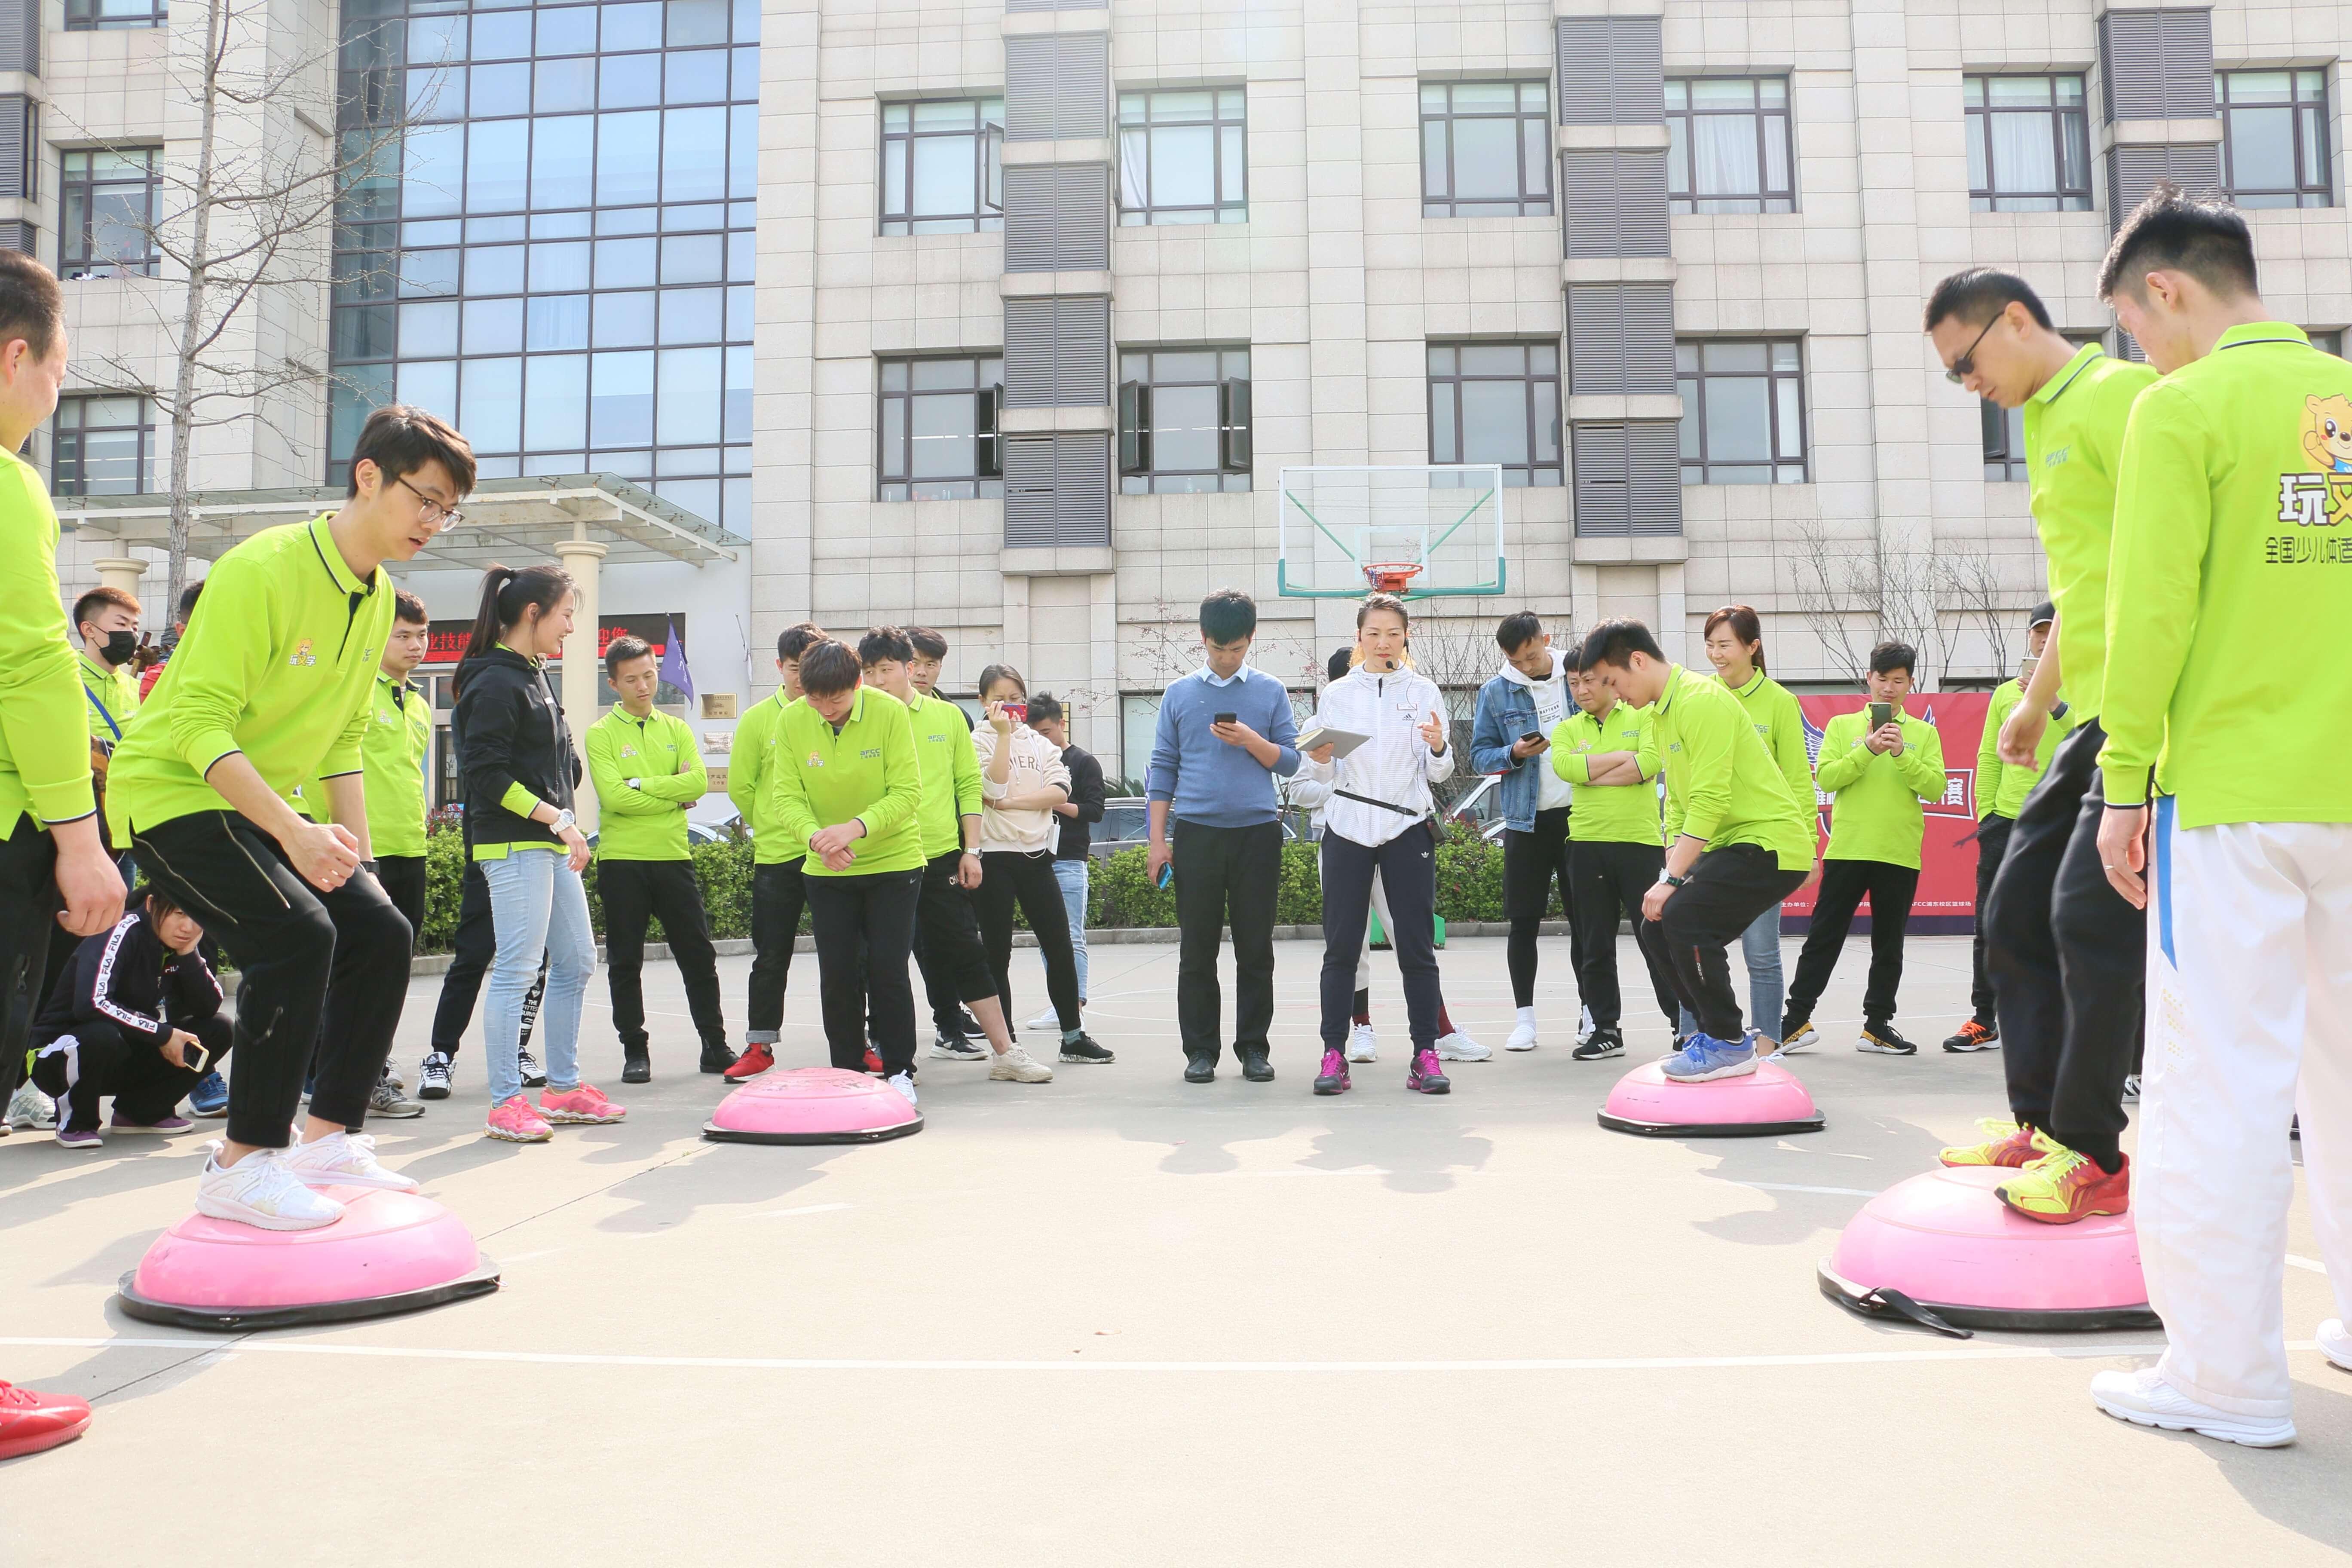 上海体适能作为国家指定的培训基地